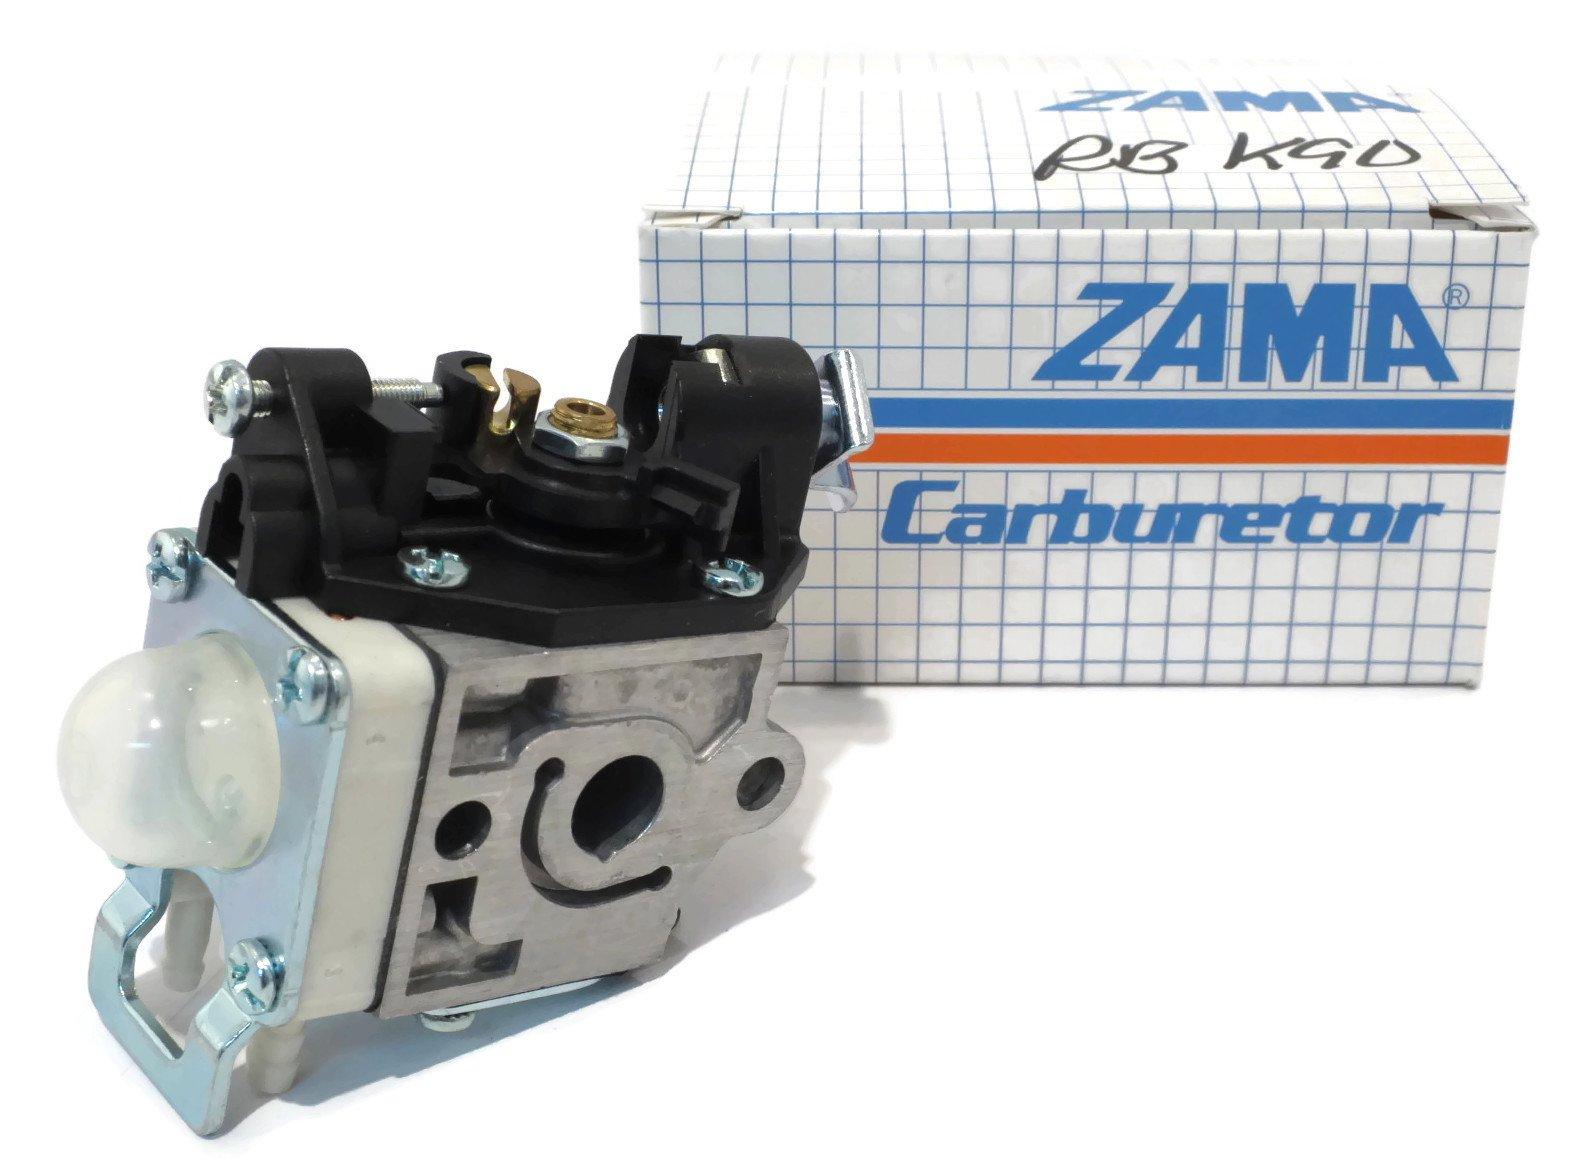 OEM Zama CARBURETOR Carb RB-K90 fits Echo PB-251 PB-255 PB-255LN ES-255 Blowers